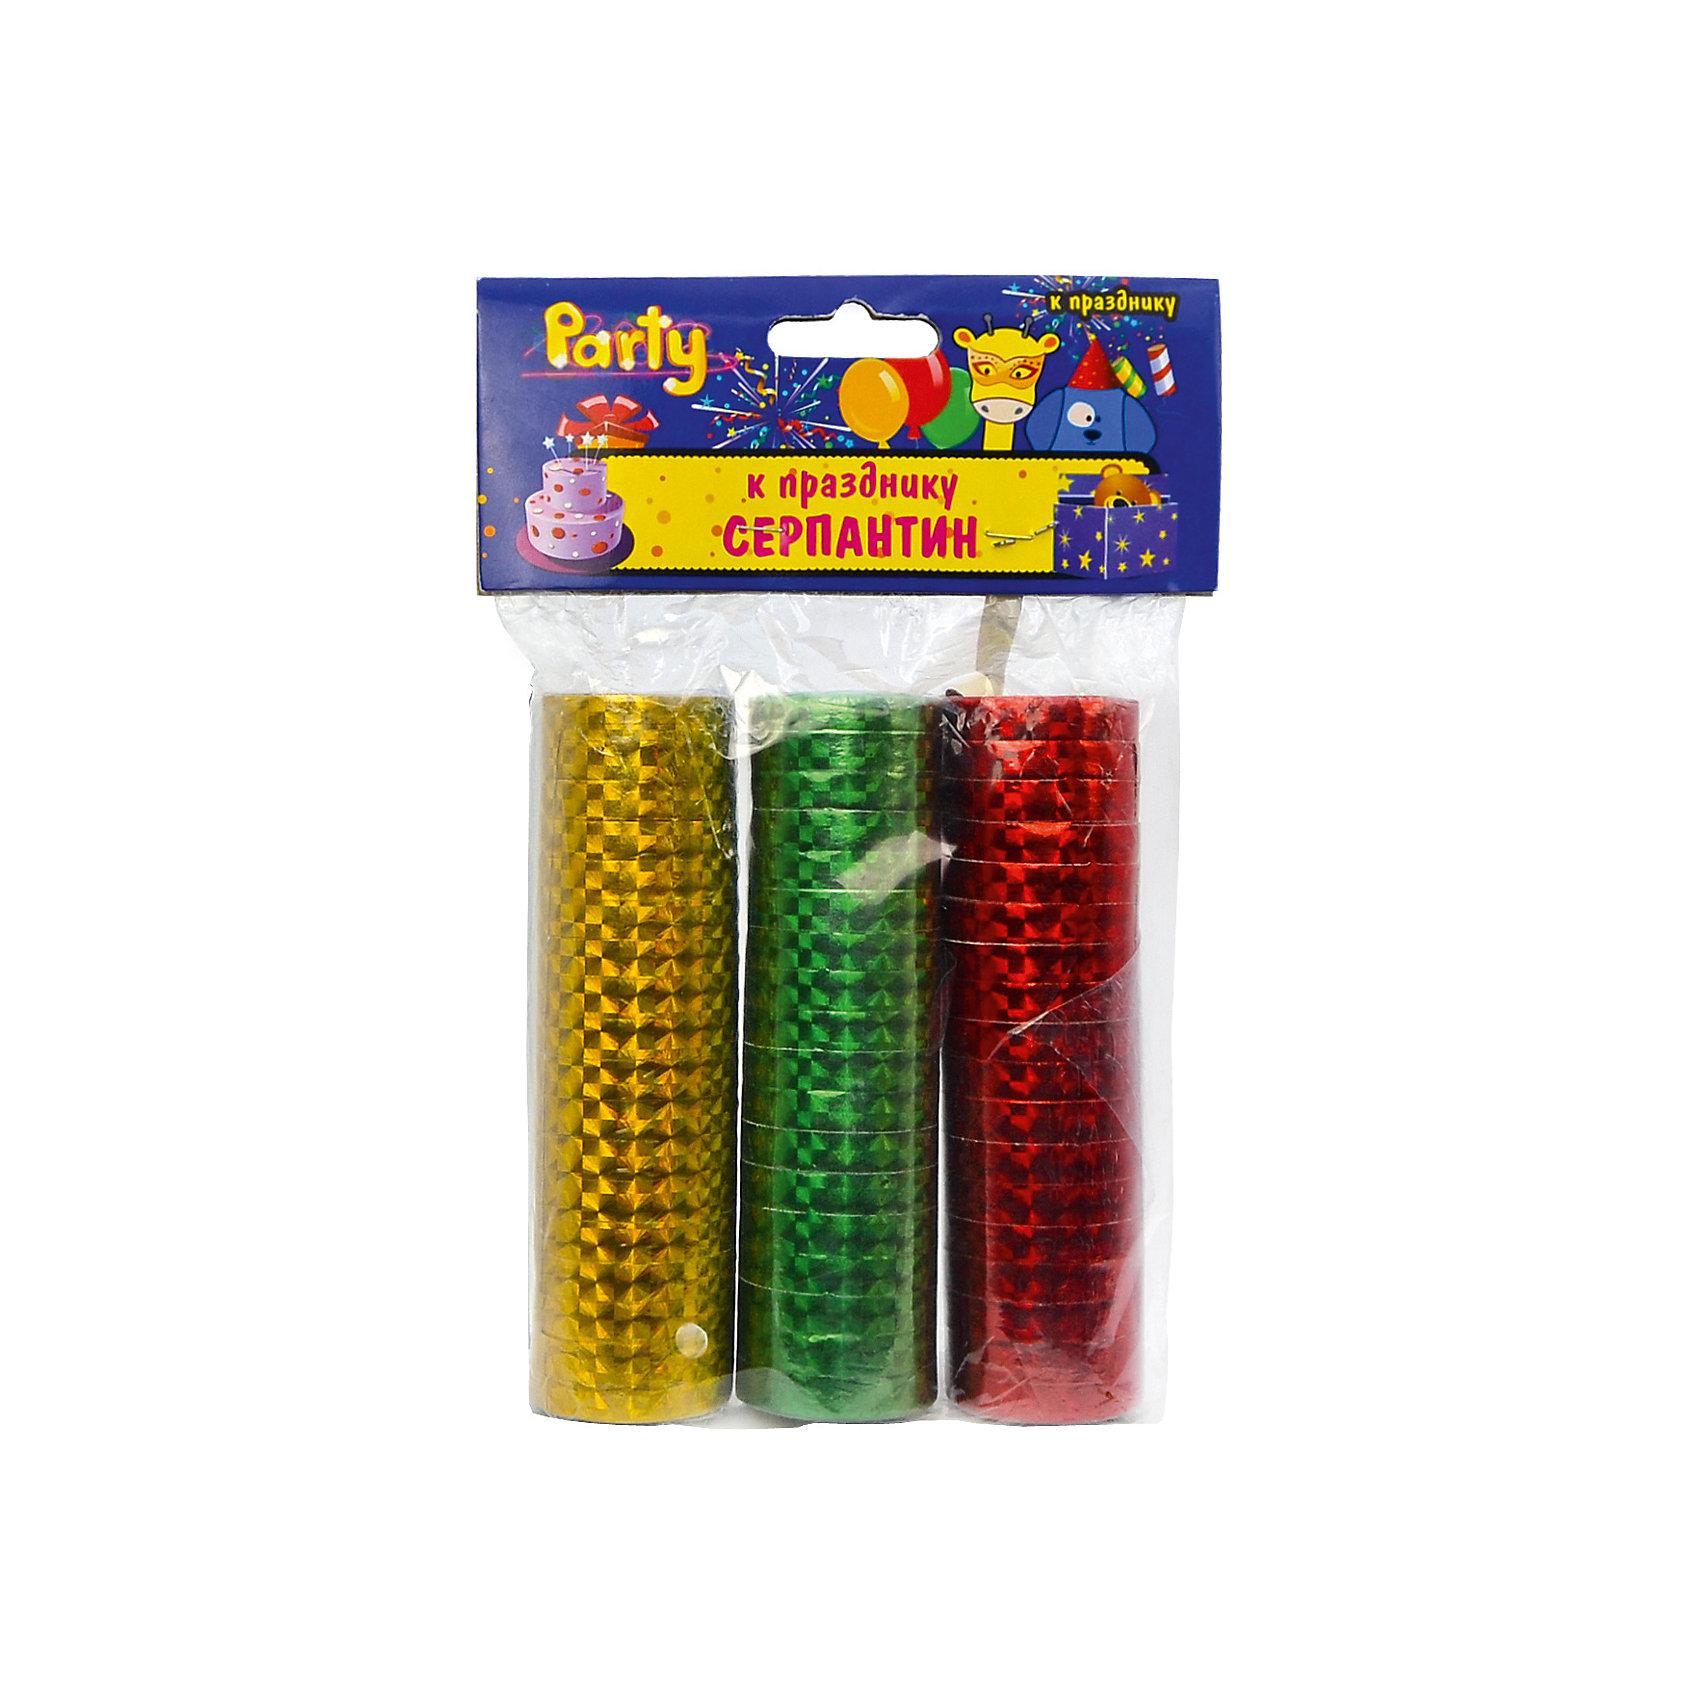 Набор серпантина к празднику, голографический, 3 шт, 0,7*300 смАксессуары для детского праздника<br>Характеристики:<br><br>• возраст: от 3 лет<br>• в наборе: серпантин 3 цветов<br>• размер: 0,7х300 см.<br>• материал: фольгированная бумага с голографией<br><br>Серпантин, изготовленный из фольгированной бумаги с голографией, выглядит очень нарядно. Разноцветные узкие бумажные ленты, свернутые в рулончики можно бросать в публику во время праздников, балов и маскарадов, либо развешивать в местах проведения торжеств.<br><br>Набор серпантина к празднику, голографического, 3 шт, 0,7*300 см можно купить в нашем интернет-магазине.<br><br>Ширина мм: 100<br>Глубина мм: 30<br>Высота мм: 30<br>Вес г: 108<br>Возраст от месяцев: 36<br>Возраст до месяцев: 2147483647<br>Пол: Унисекс<br>Возраст: Детский<br>SKU: 6860596